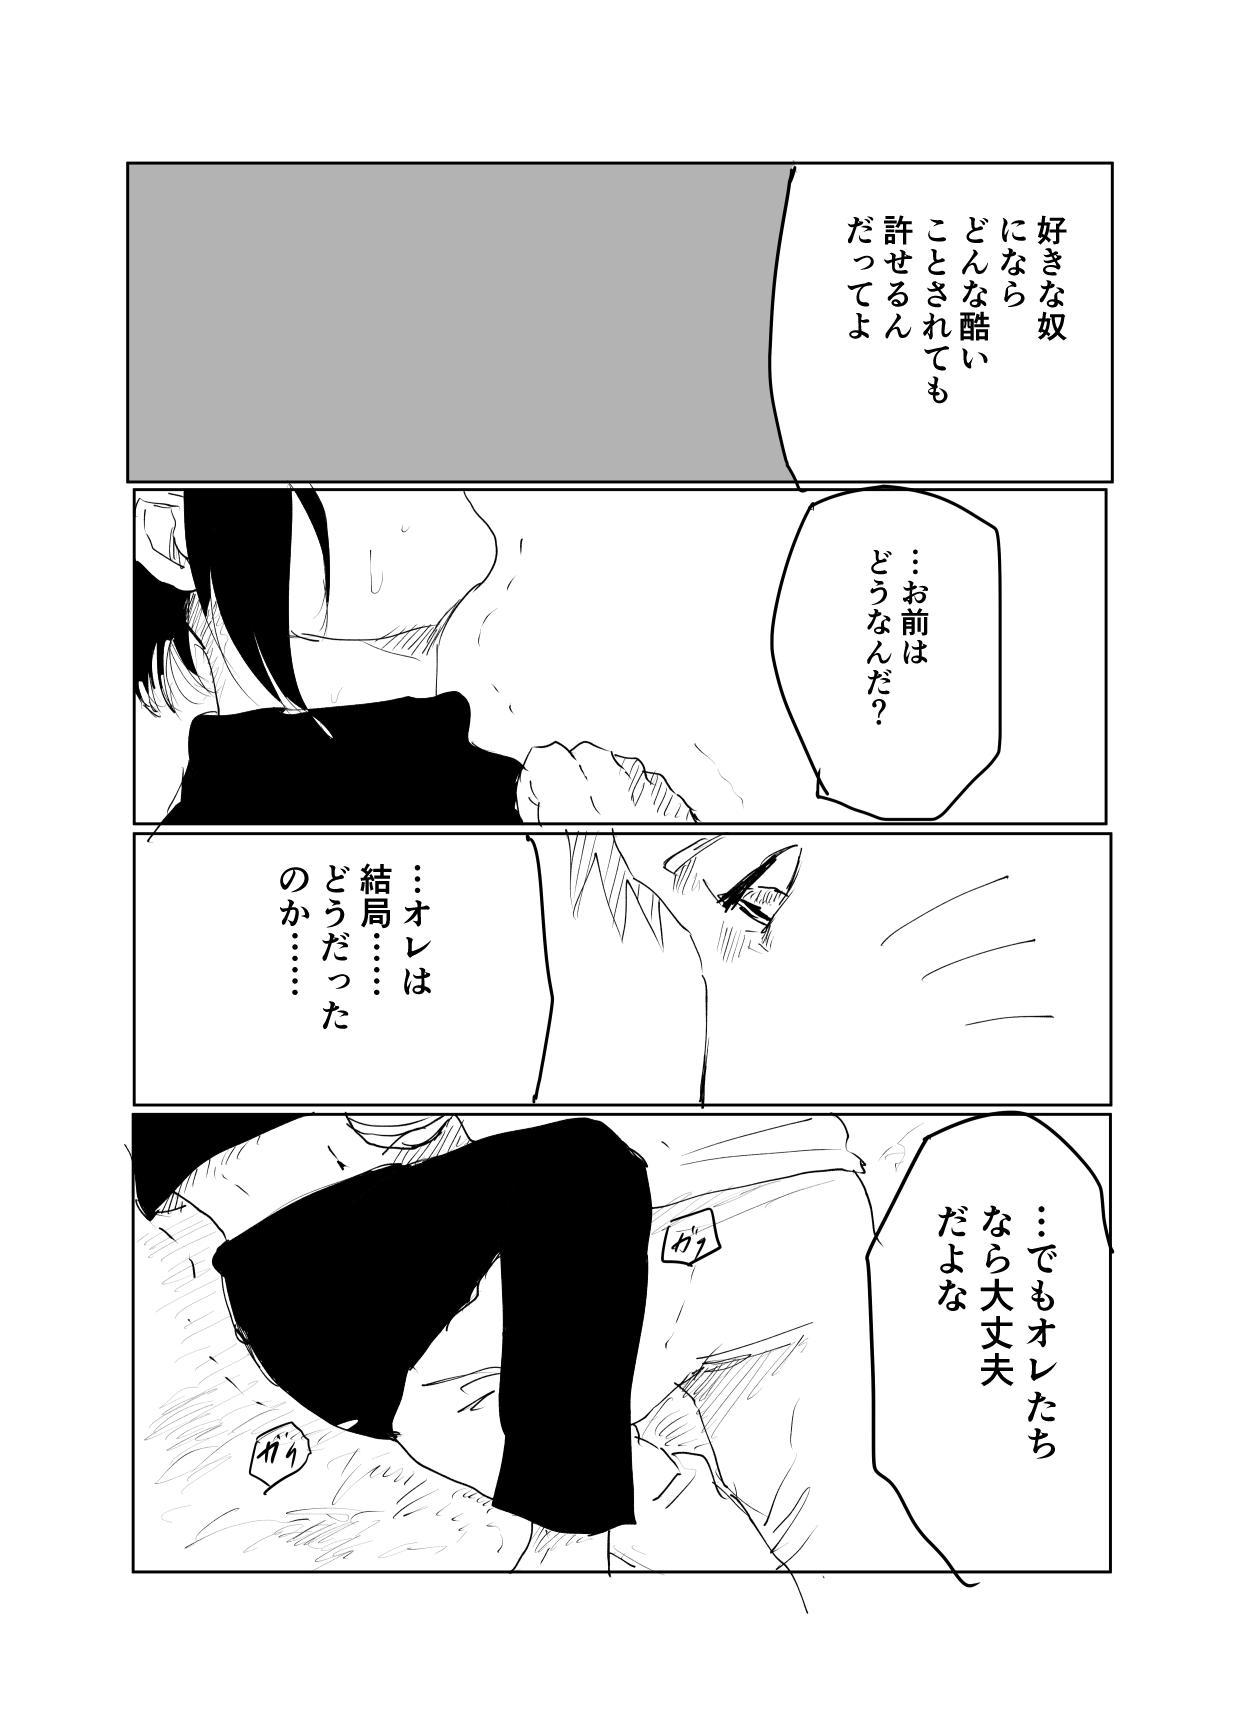 嘘告白漫画 68